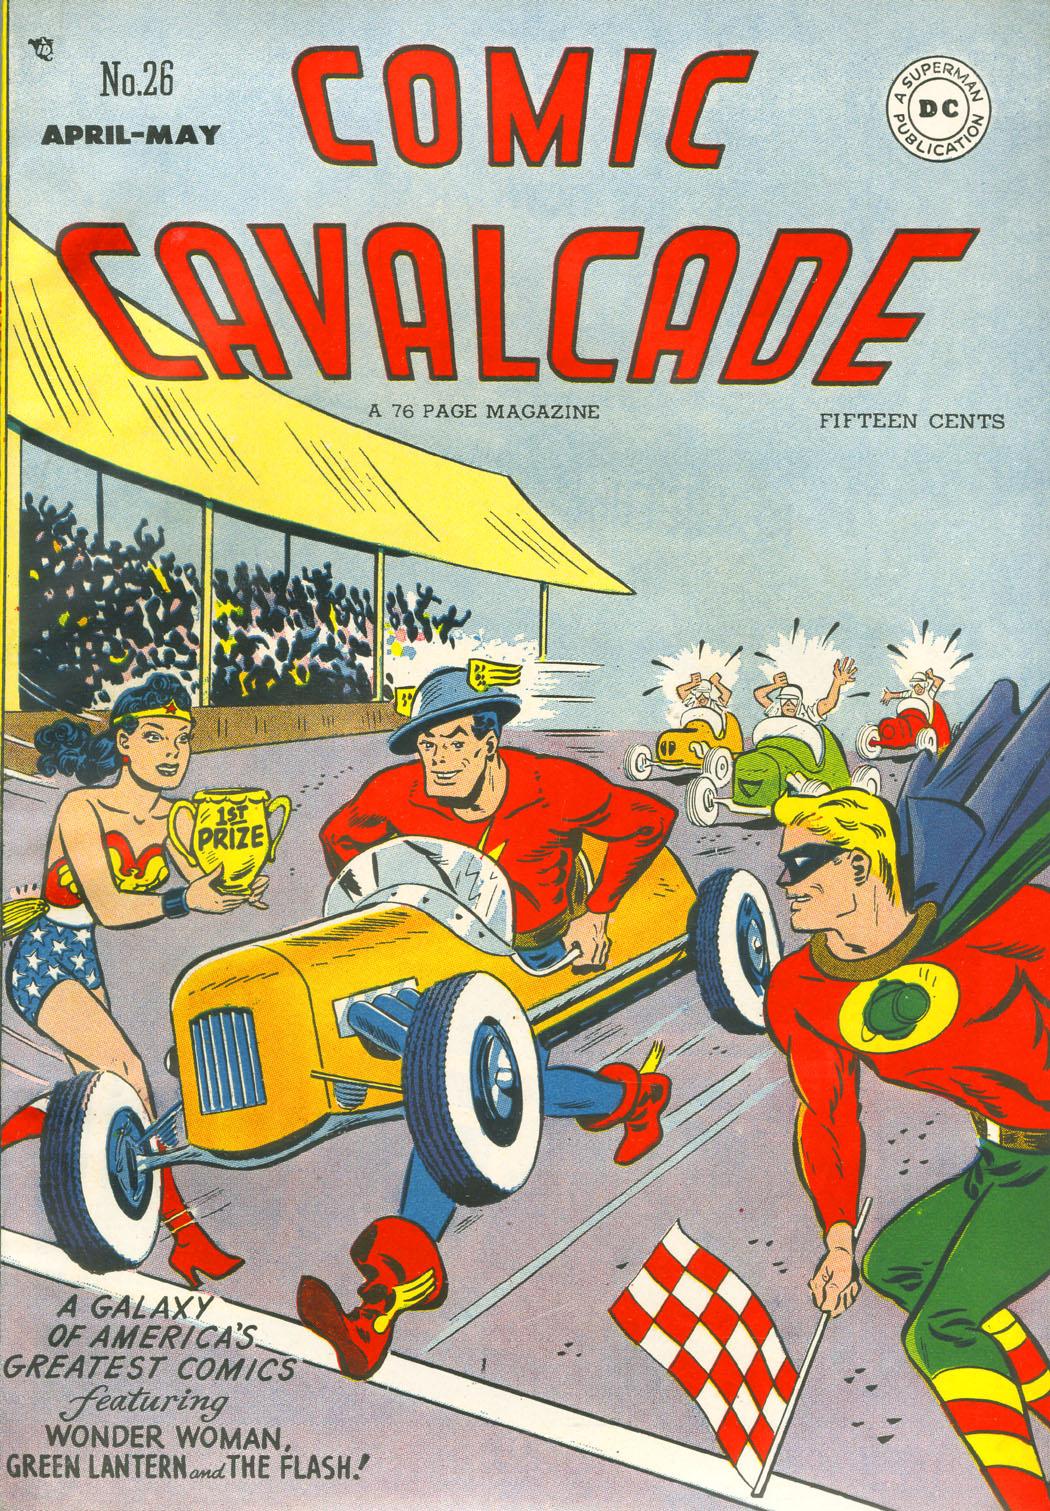 Comic Cavalcade 26 Page 1